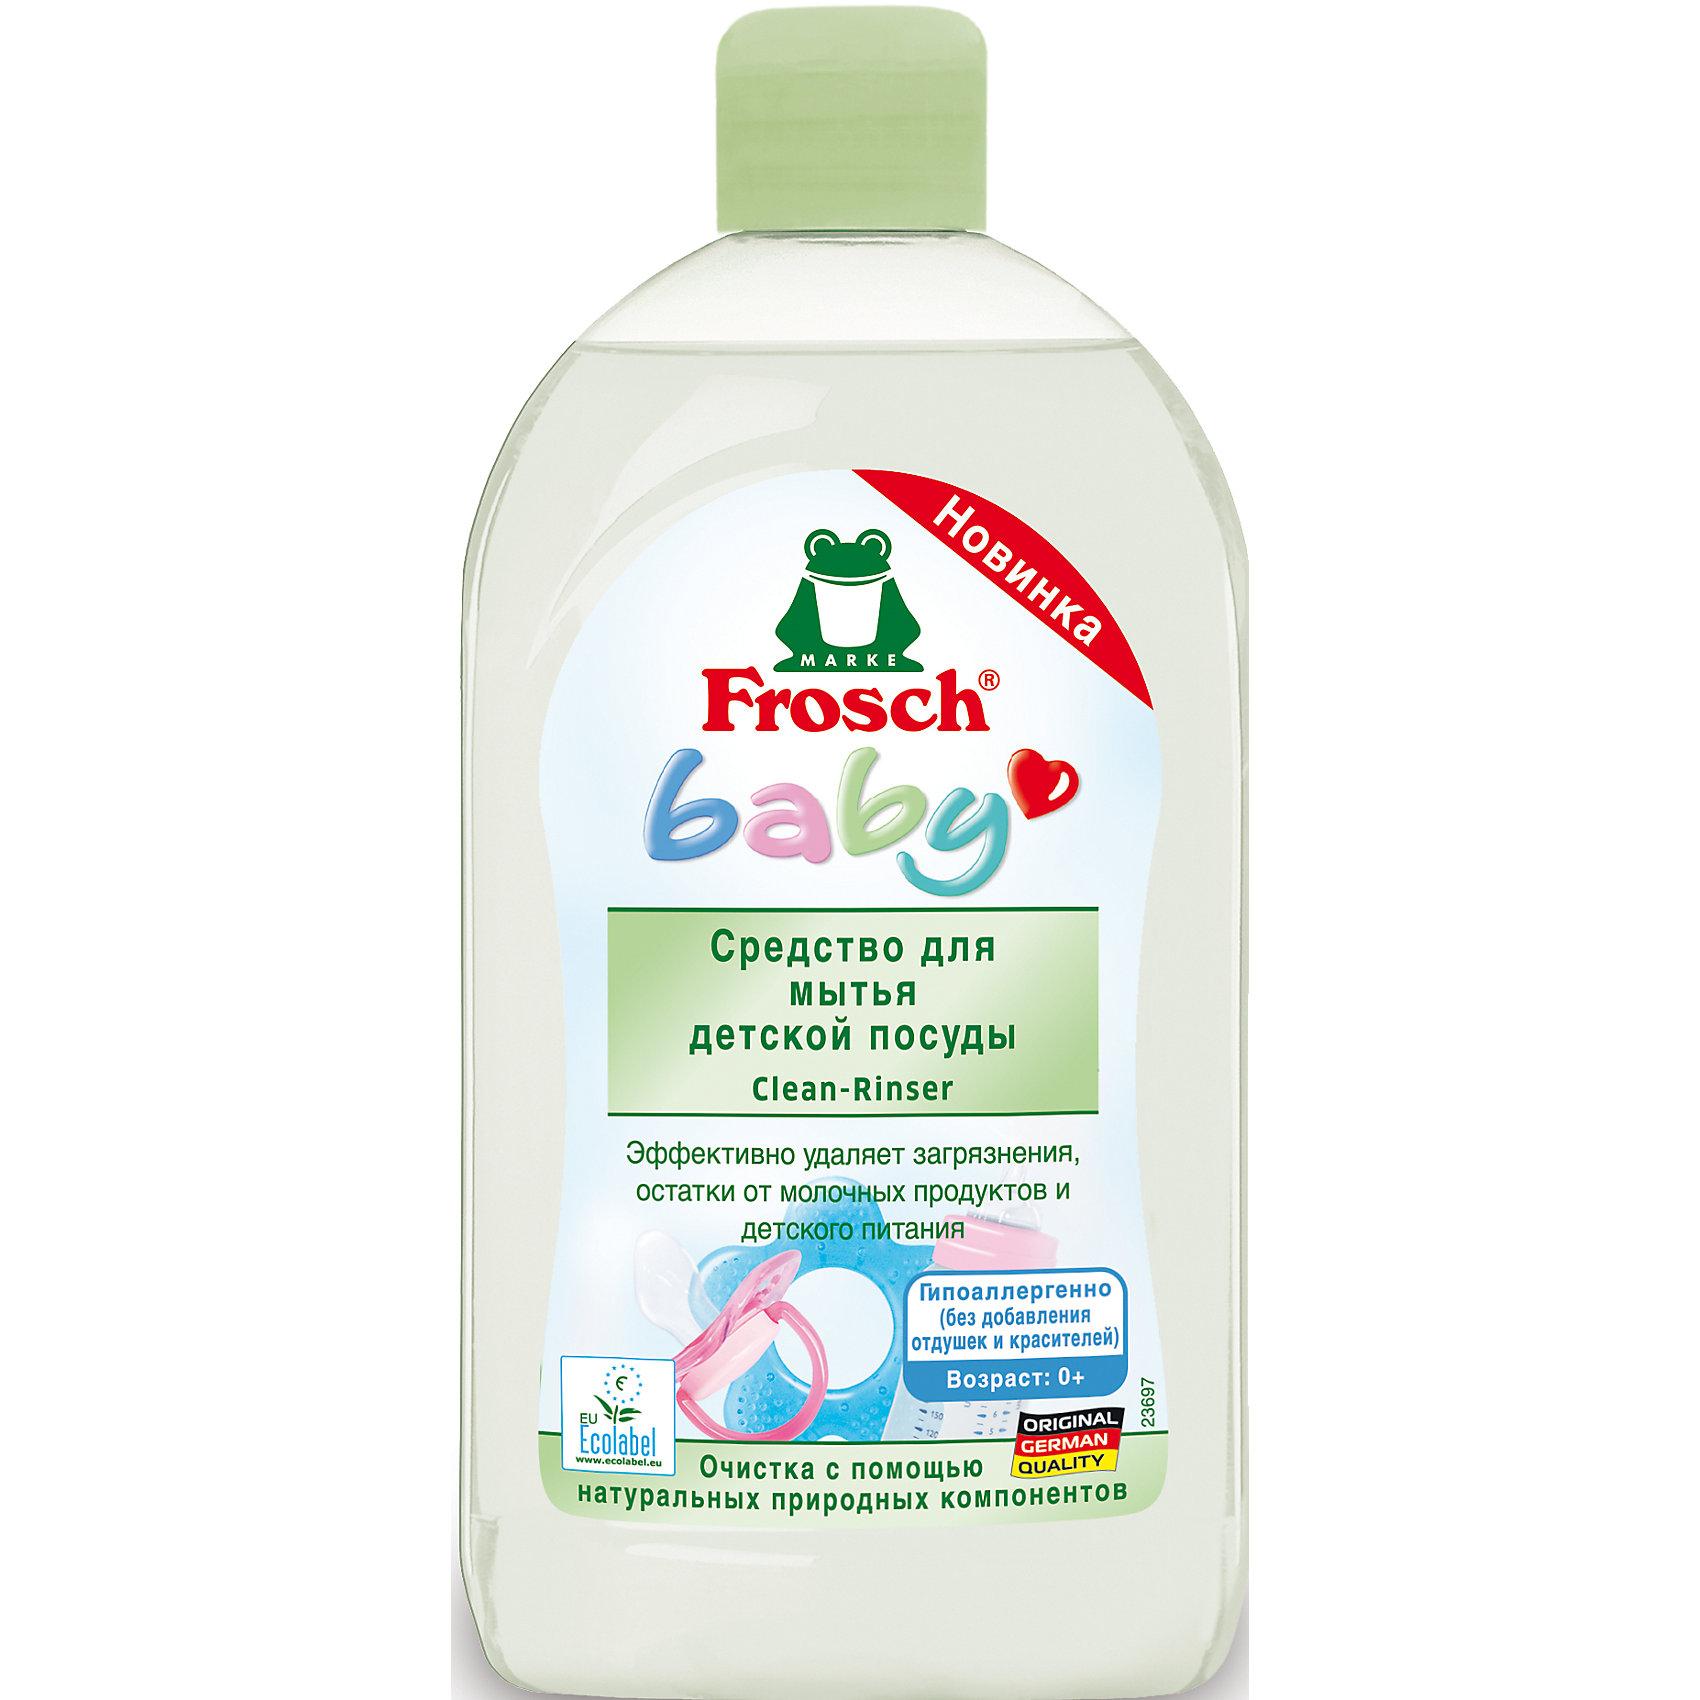 Средство для мытья детской посуды, 0,5л, FroschБытовая химия<br>Характеристики товара:<br><br>• объем: 500 мл<br>• упаковка: пластик<br>• страна бренда: Германия<br>• страна изготовитель: Германия<br><br>Средство для мытья детской посуды должно быть абсолютно безопасным. Вещества обычных средств могут содержать опасные для здоровья компоненты. Но только не продукция компании Frosch. <br><br>Средство эффективно удаляет жир и загрязнения с посуды, придает аромат зеленого лимона. Химический состав безопасен при использовании, а так же полностью смывается водой. Материалы, использованные при изготовлении товара, сертифицированы и отвечают всем международным требованиям по качеству. <br><br>Средство для мытья детской посуды 0,5 л, от немецкого производителя Frosch (Фрош) можно приобрести в нашем интернет-магазине.<br><br>Ширина мм: 85<br>Глубина мм: 52<br>Высота мм: 200<br>Вес г: 562<br>Возраст от месяцев: 216<br>Возраст до месяцев: 1188<br>Пол: Унисекс<br>Возраст: Детский<br>SKU: 5185733